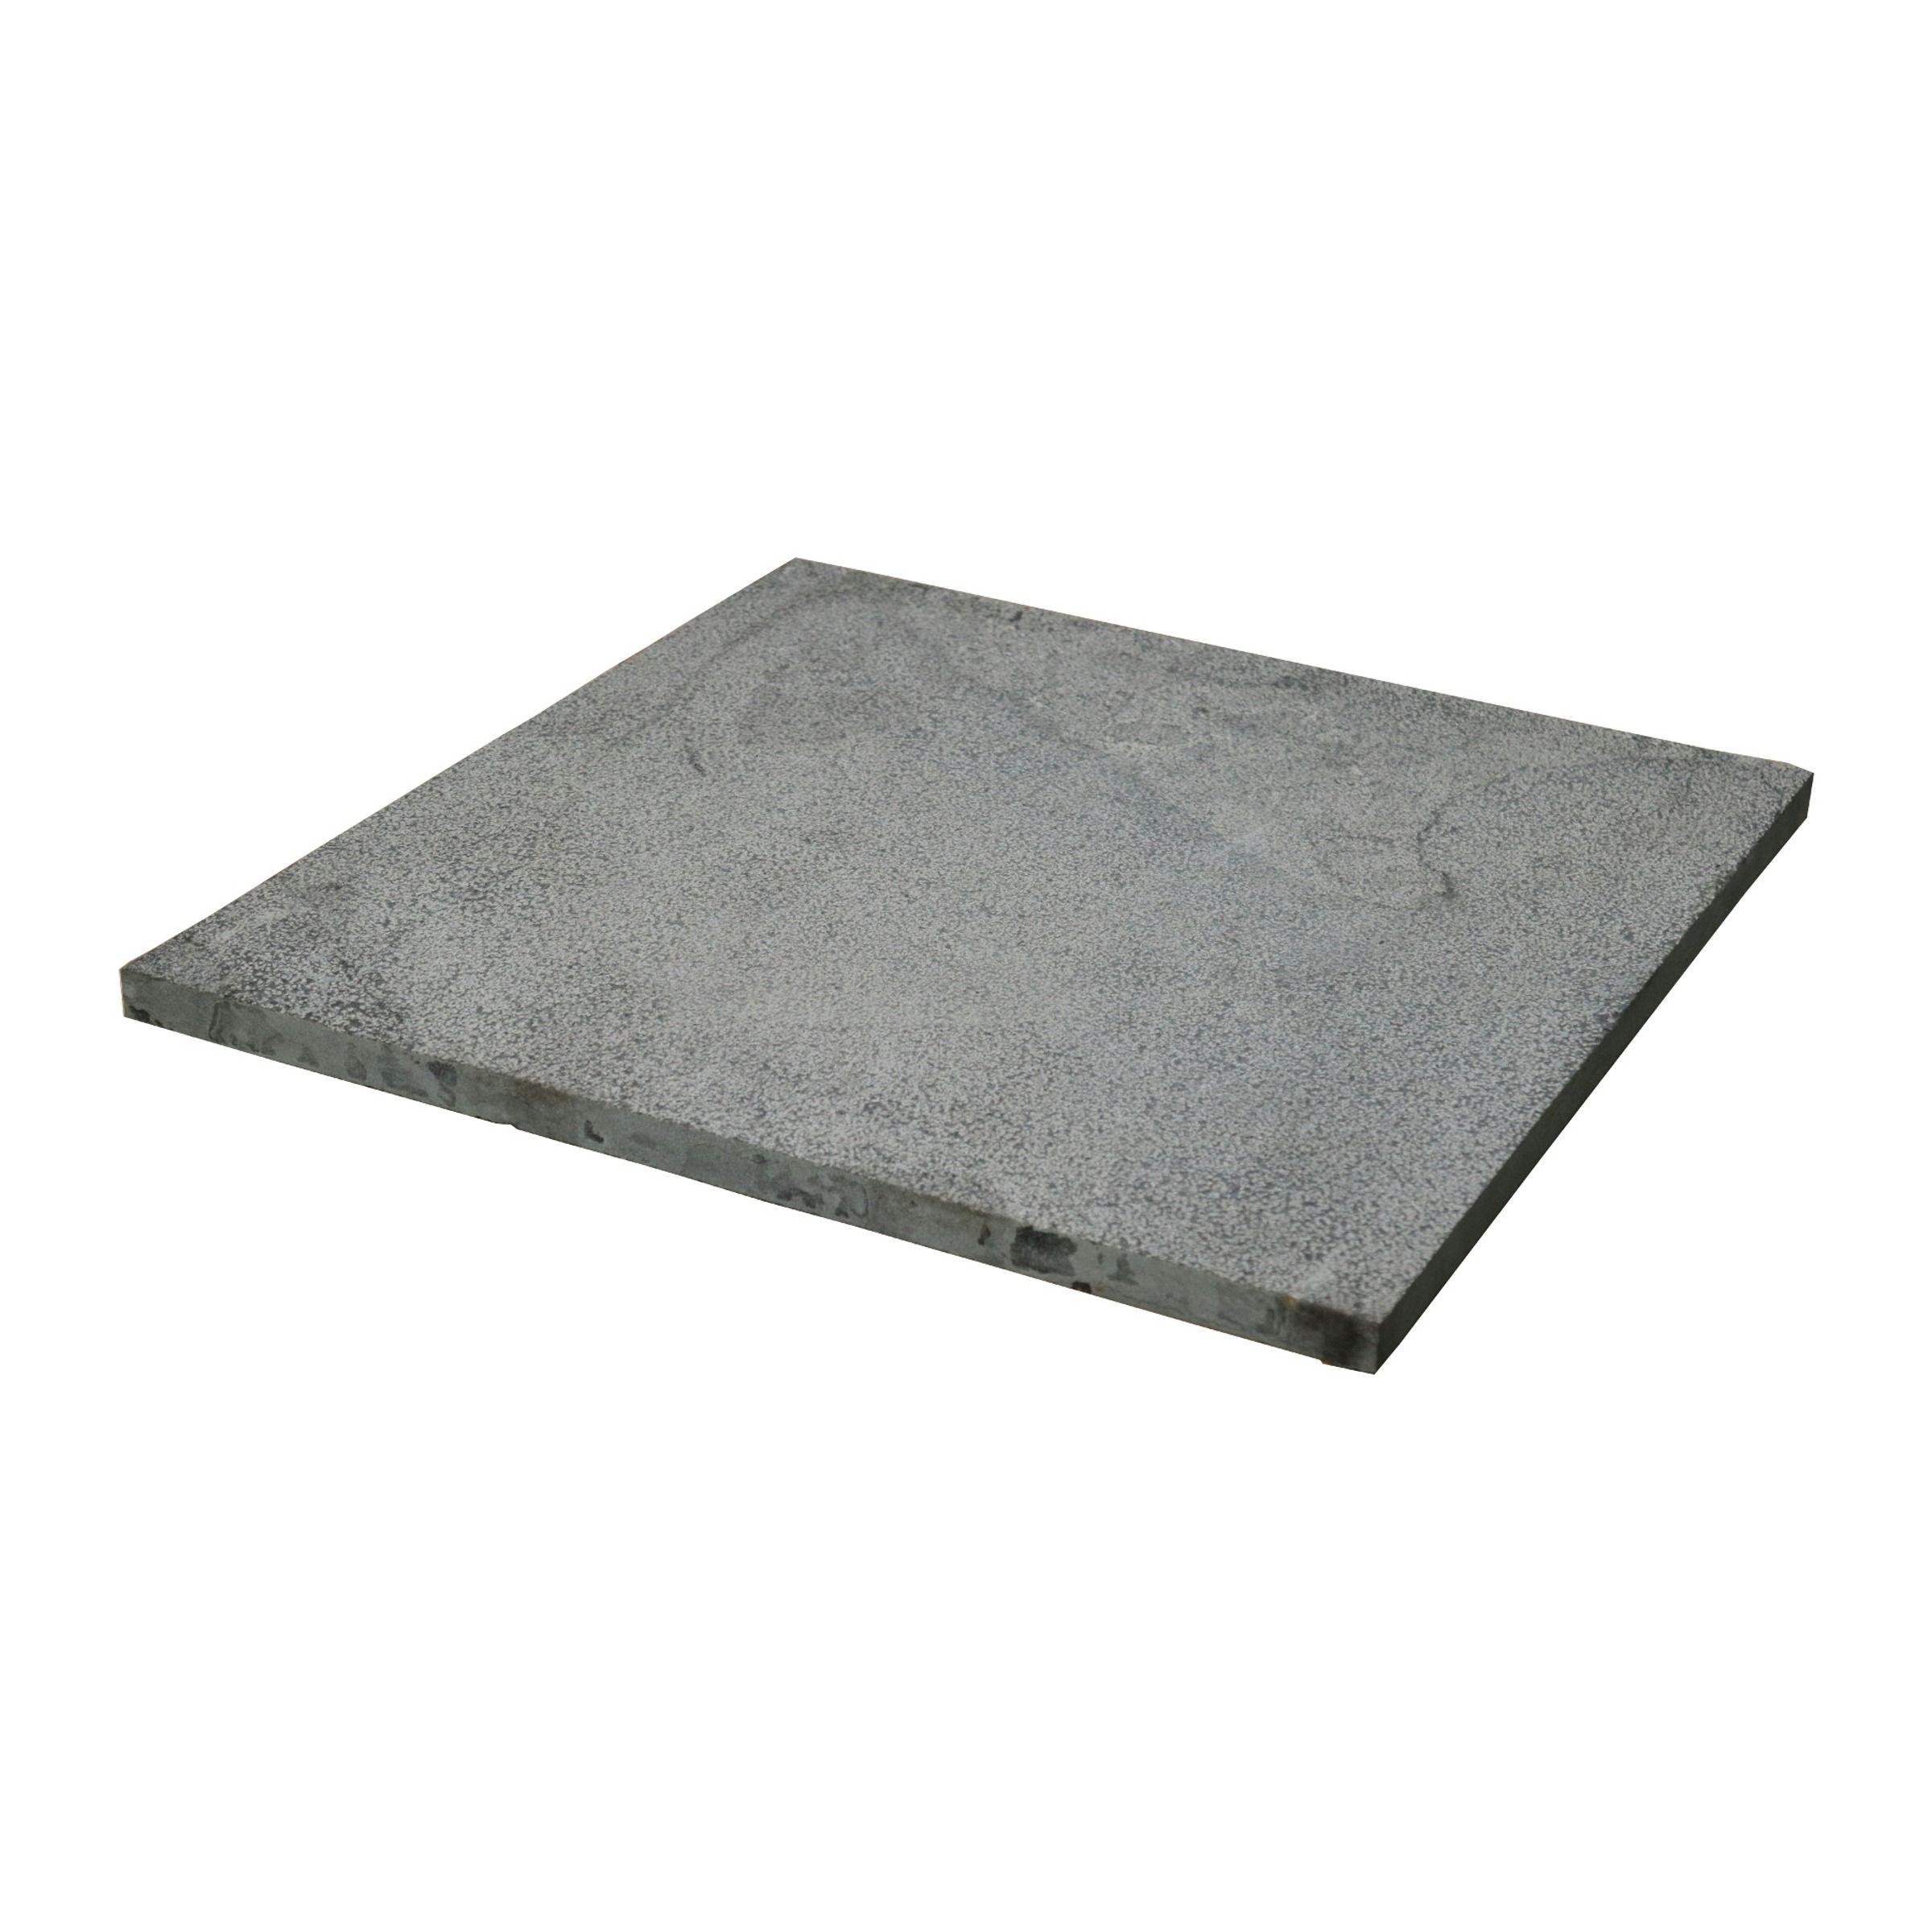 Terrastegels 60x60 Natuursteen.Terrastegel Natuursteen Bushhammered Blauw 60x60 Cm 40